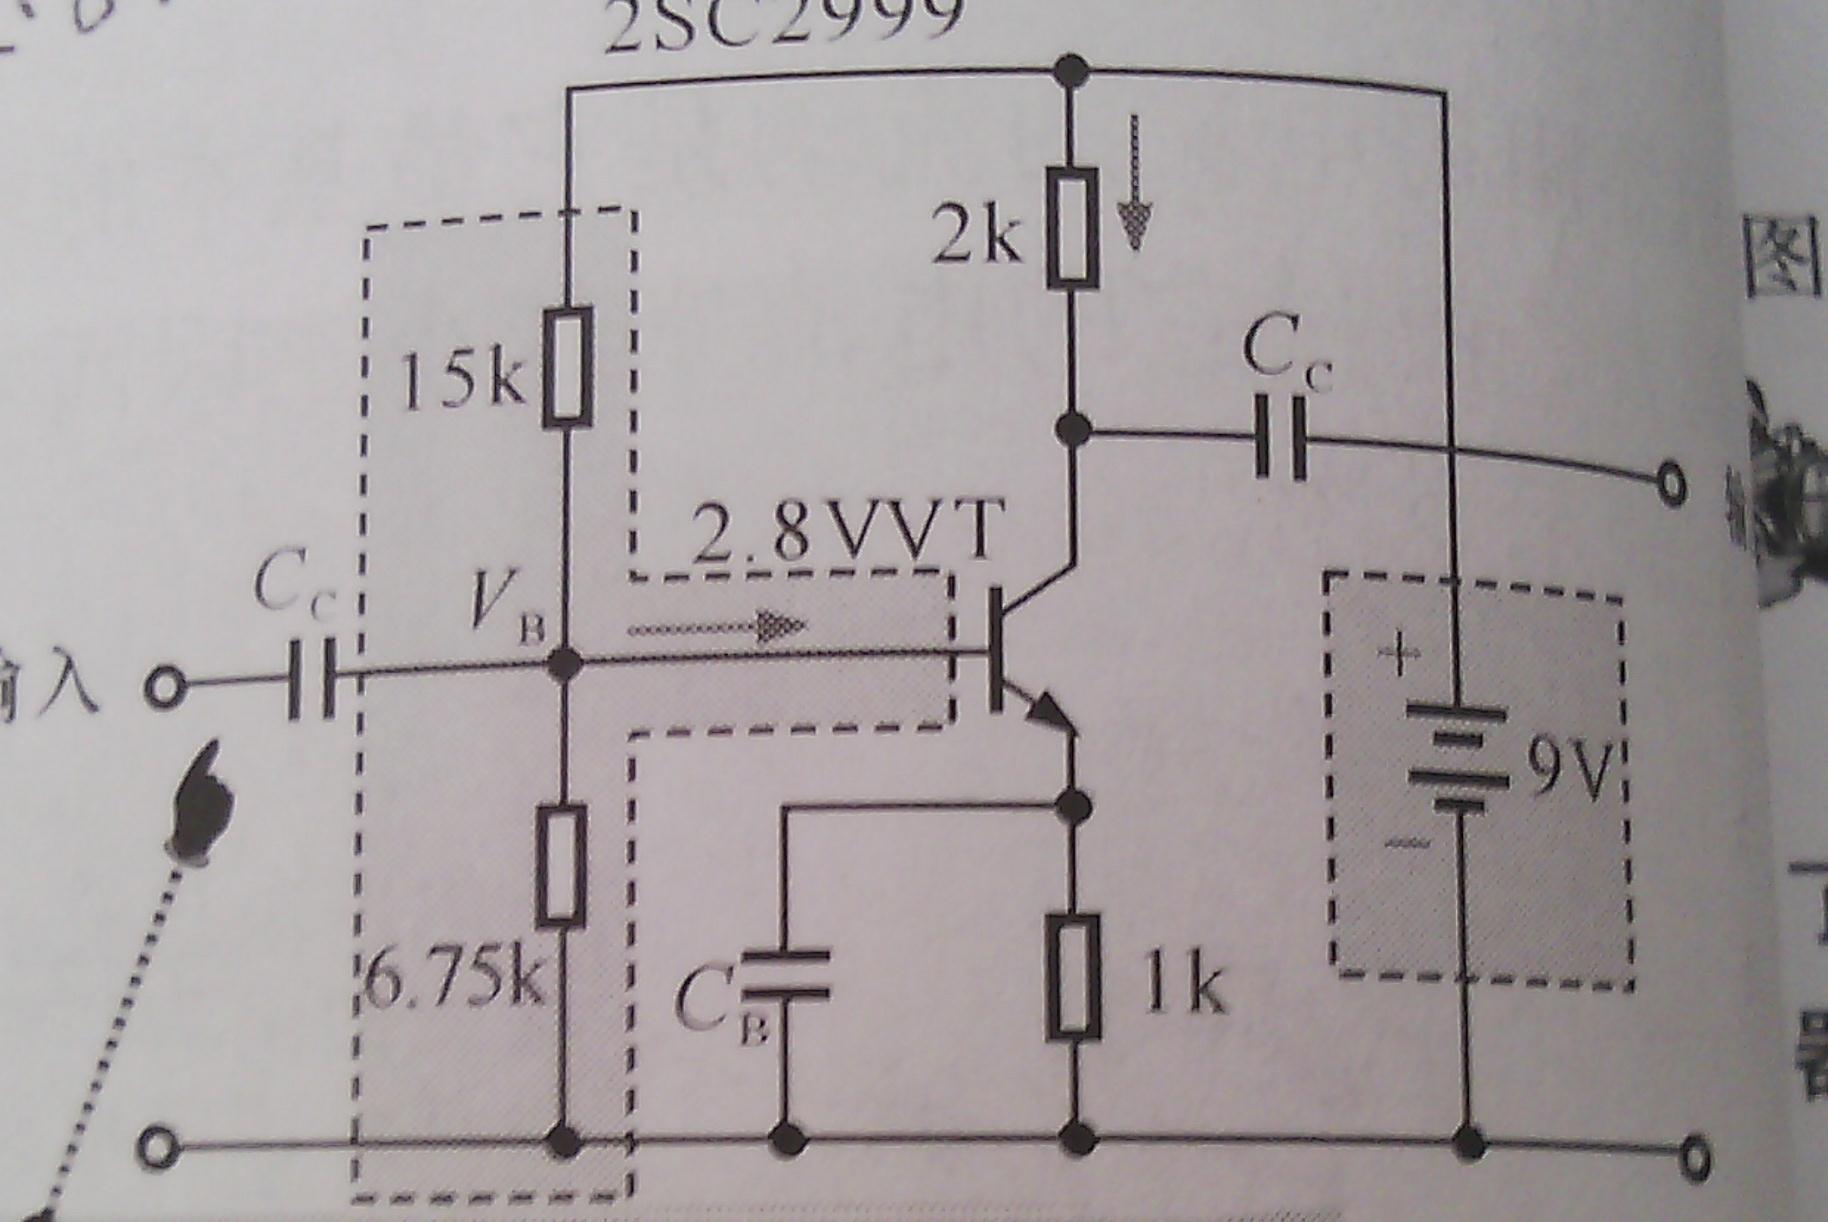 两个电阻可以组成分压电路.是如何分压的?公式是什么?